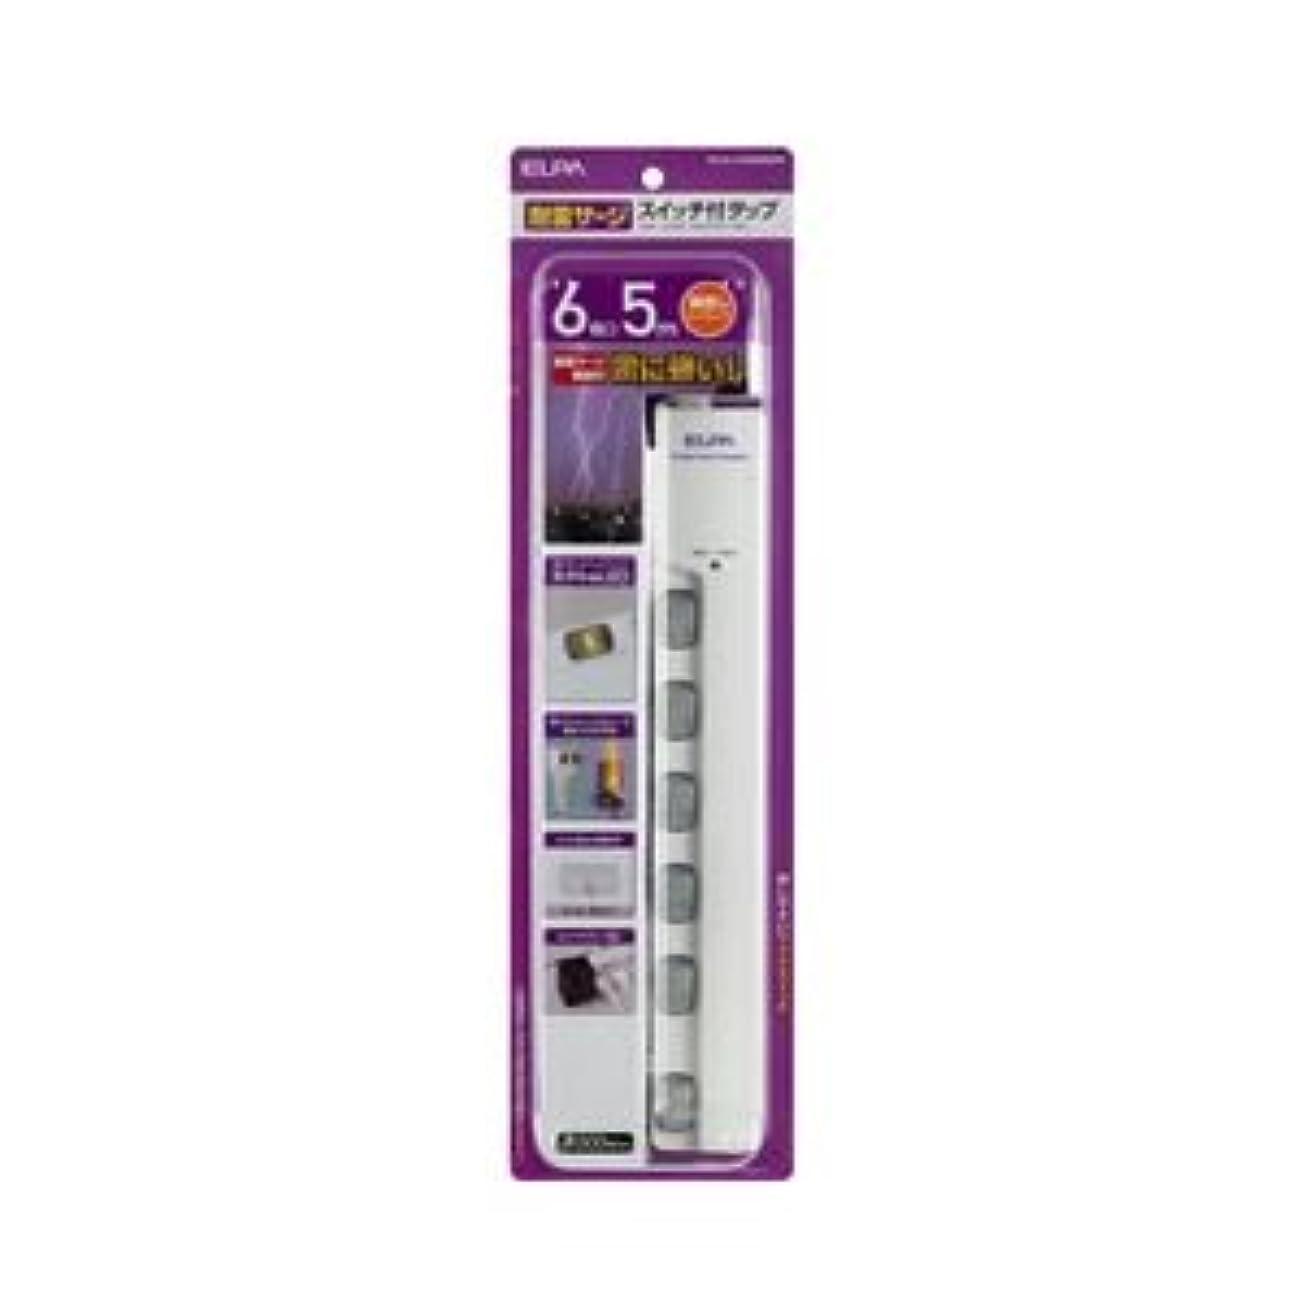 写真のフェリー無許可(業務用セット) ELPA LEDランプスイッチ付タップ 横挿し 6個口 5m WLS-LY650MB(W) 【×5セット】